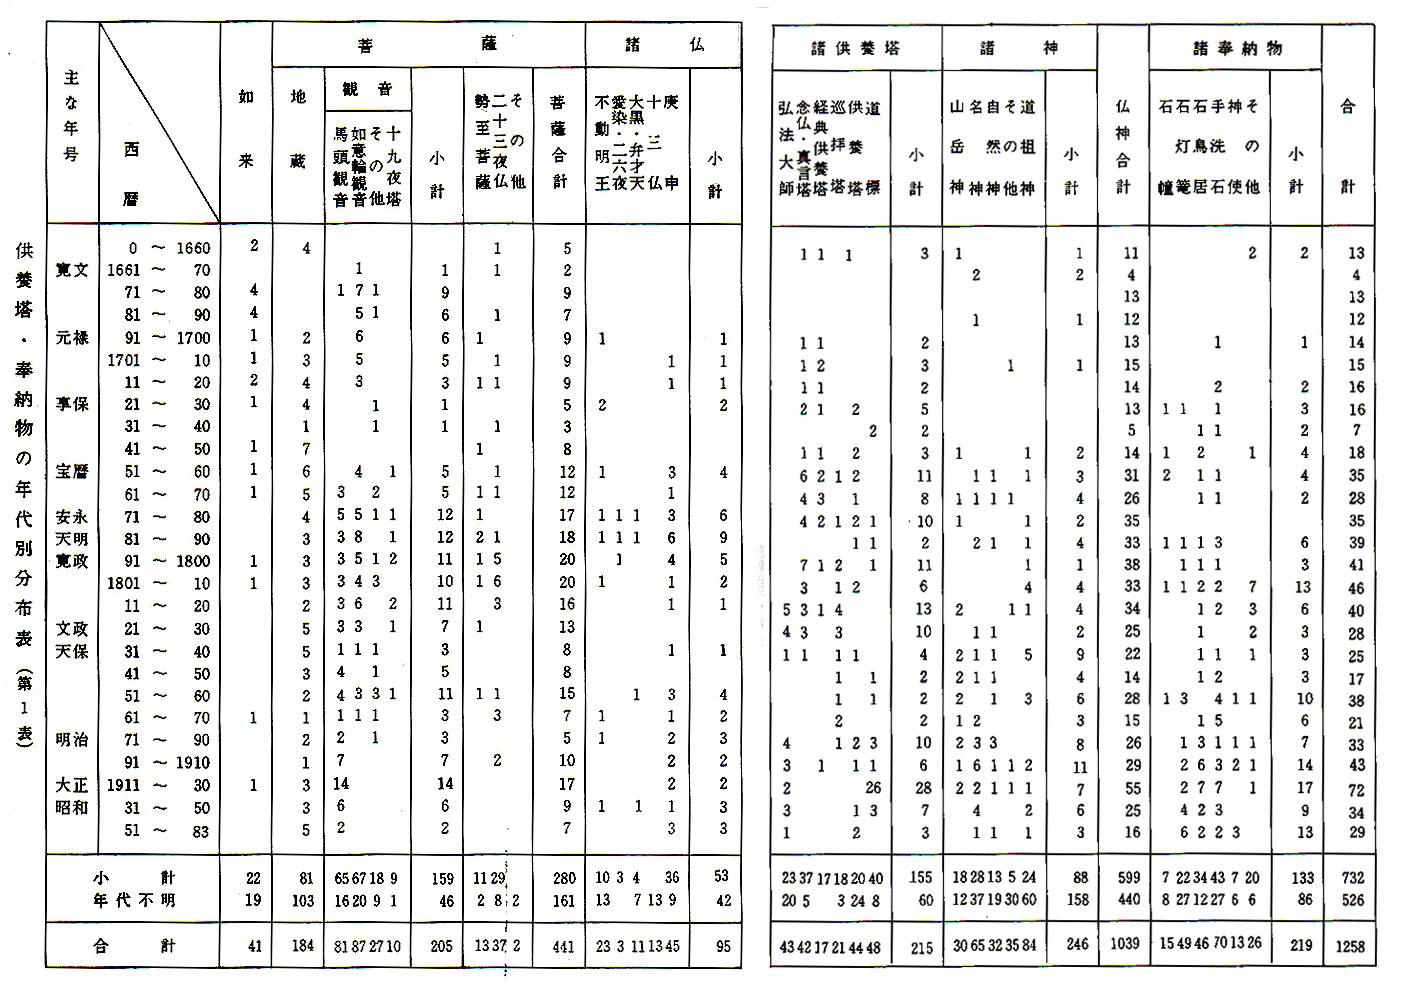 第一表・供養塔年代別分布表